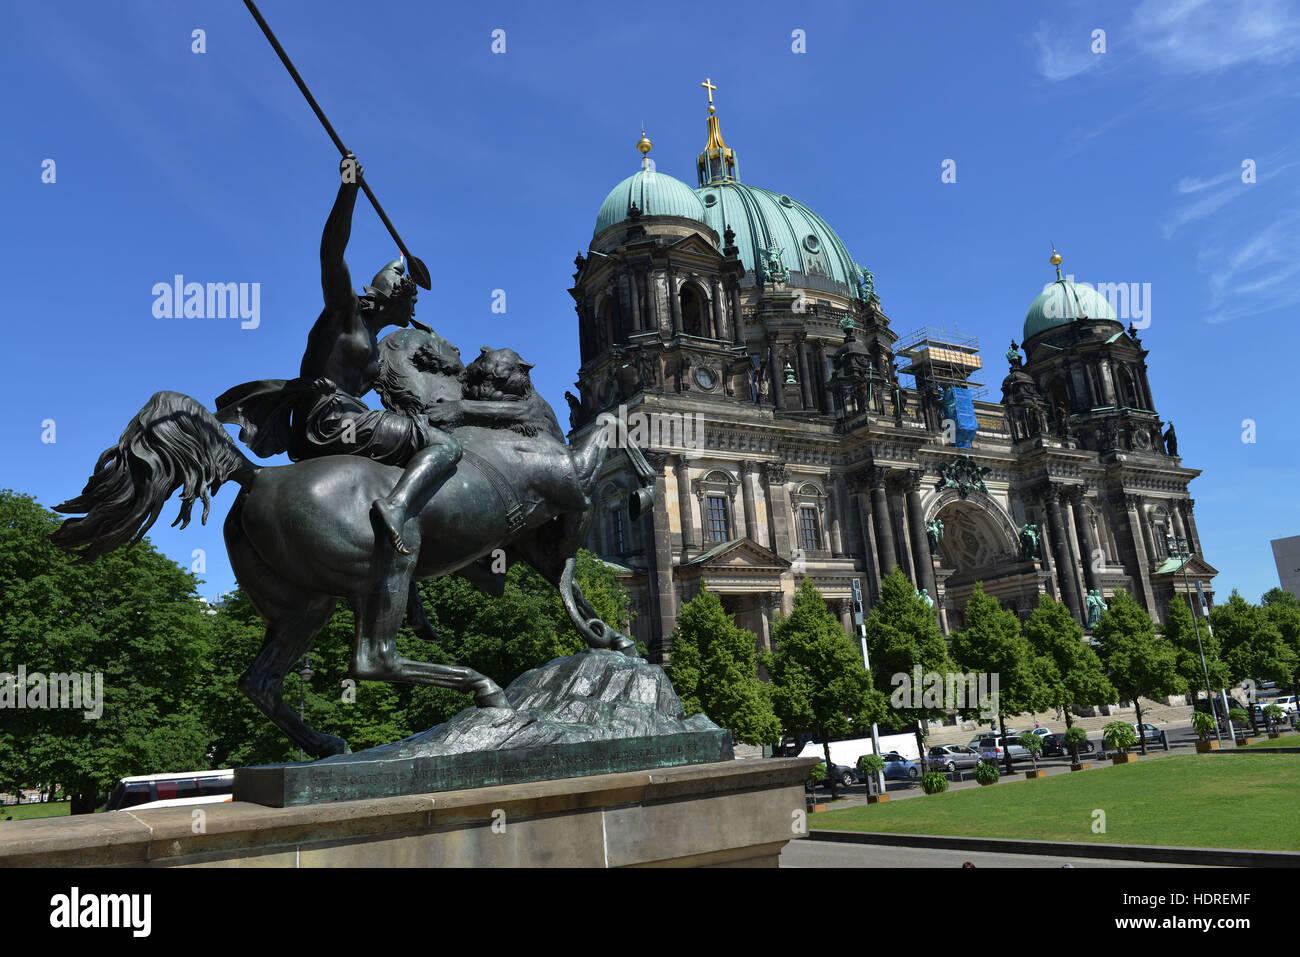 Amazone zu Pferde, Berliner Dom, Lustgarten, Mitte, Berlin, Deutschland - Stock Image